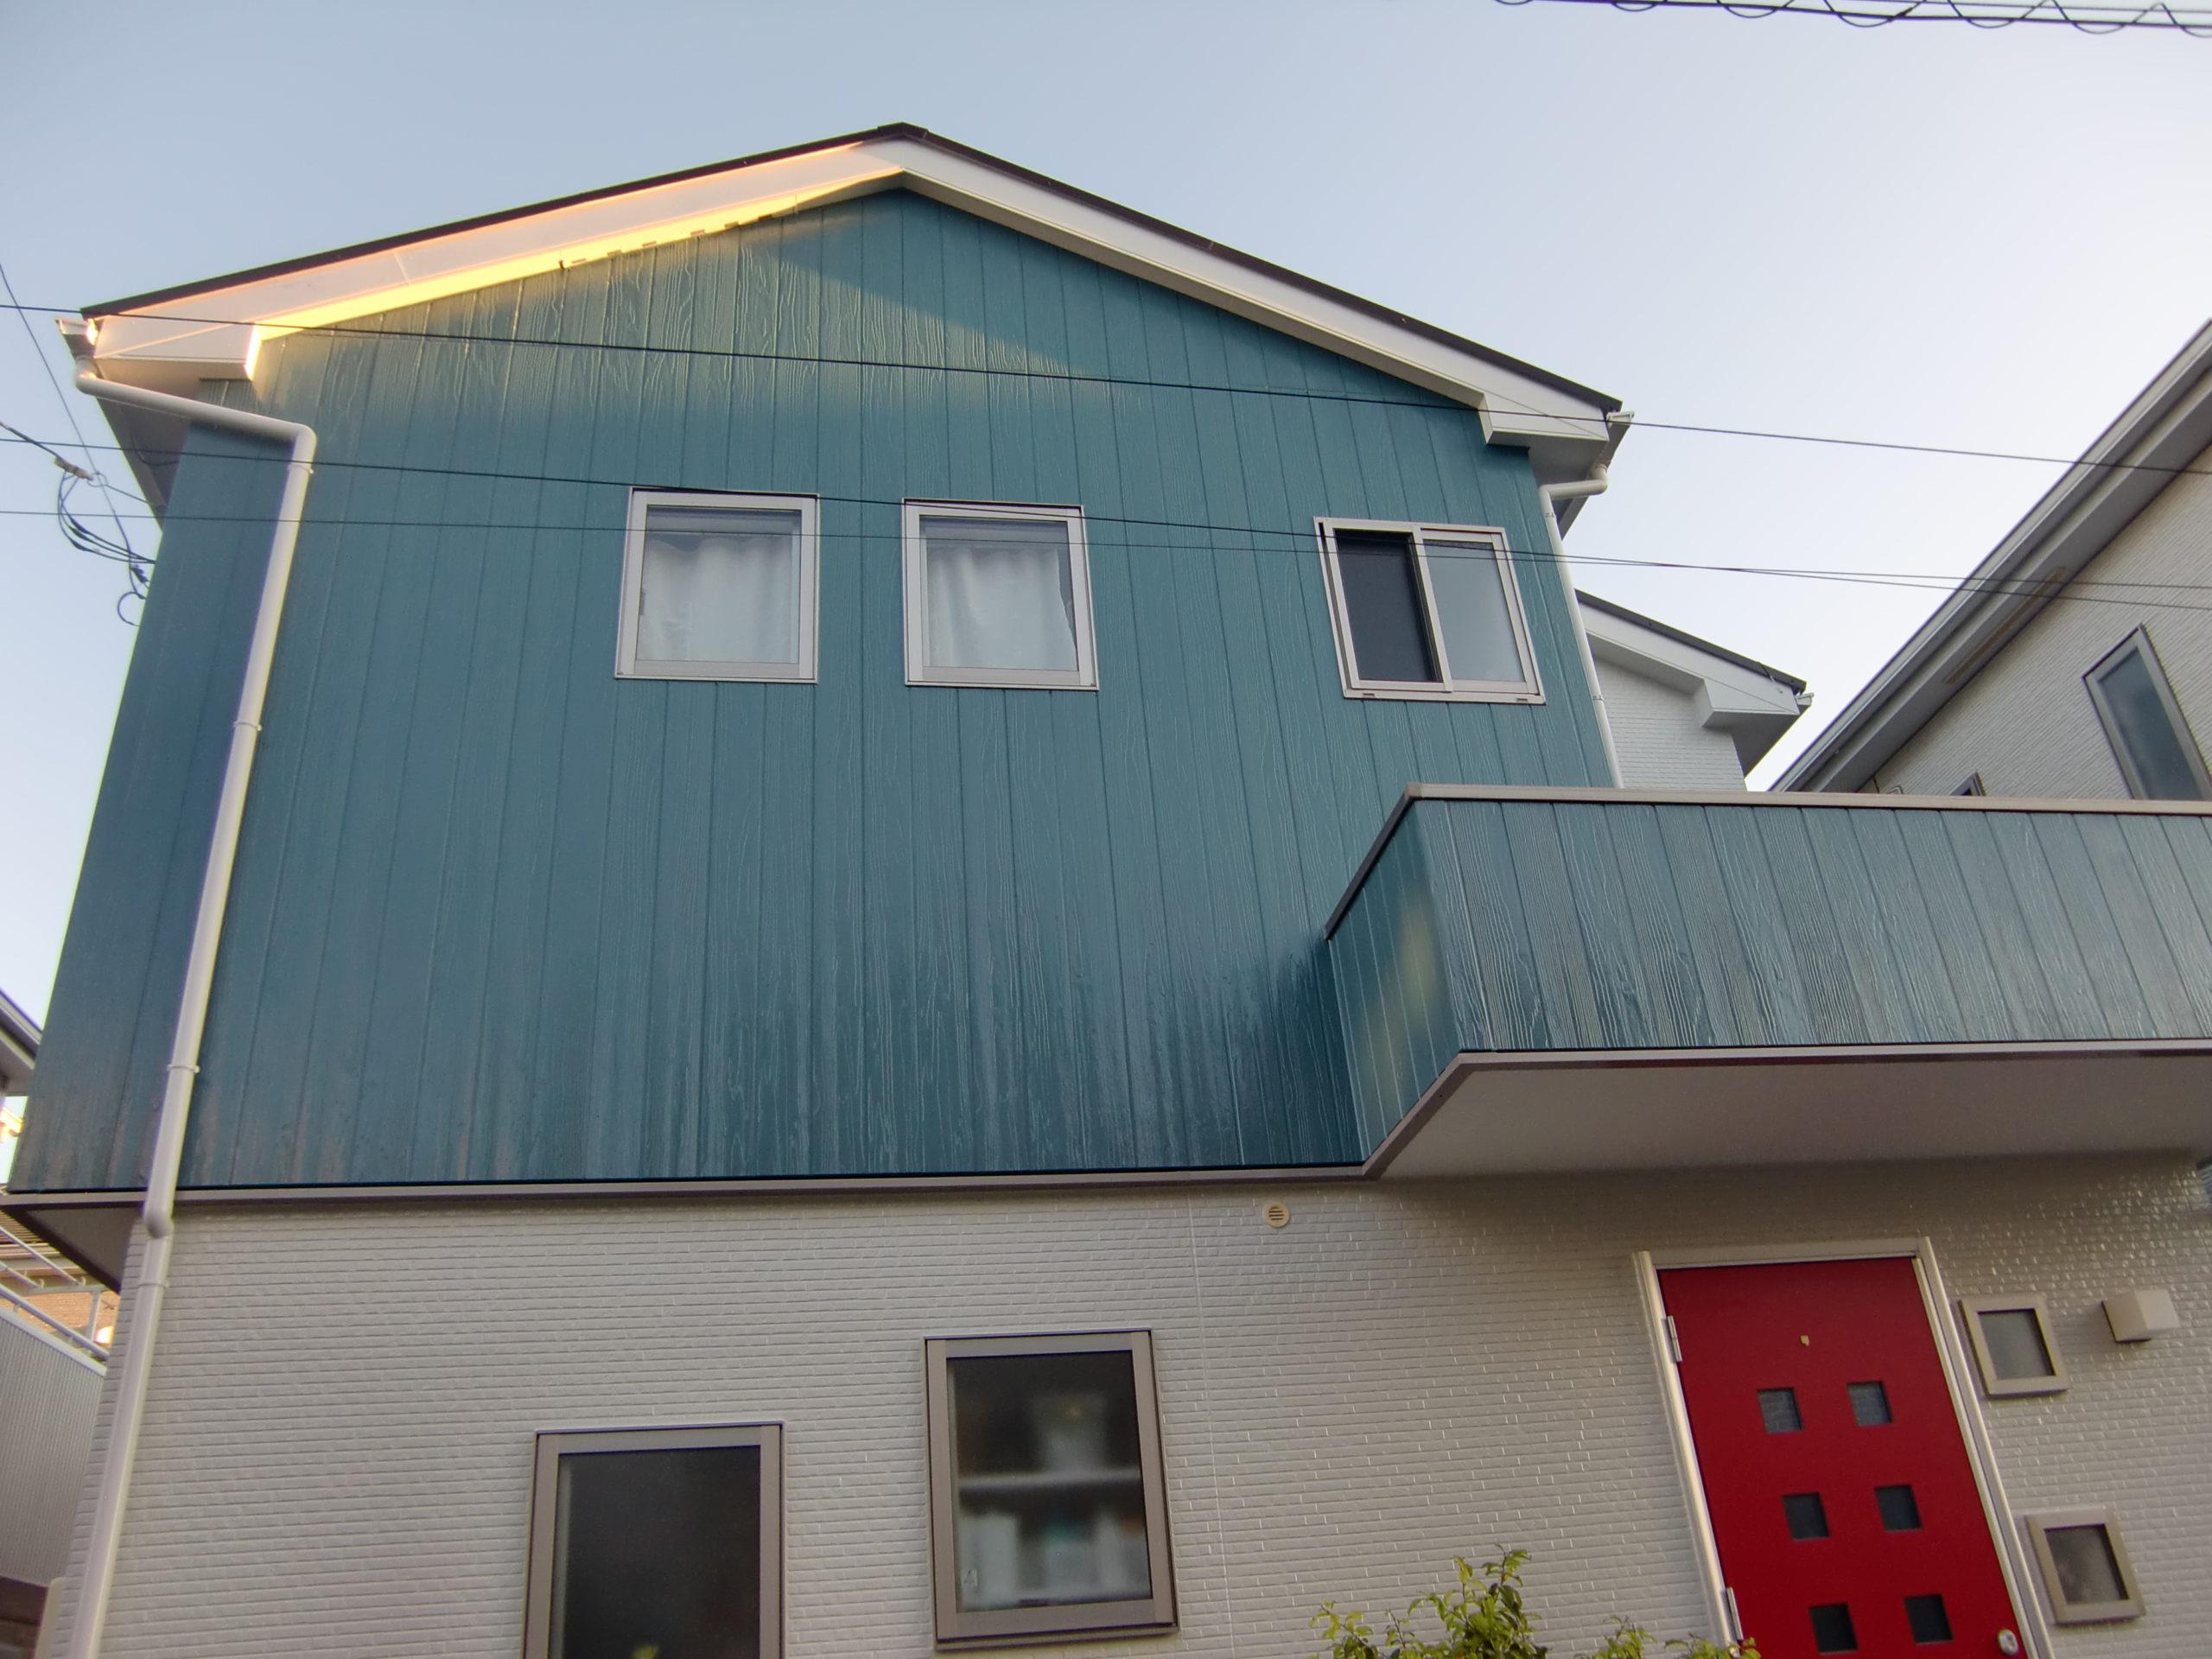 埼玉県 桶川市 外壁塗装 屋根塗装 N様邸 | ケイナスホーム 埼玉 1